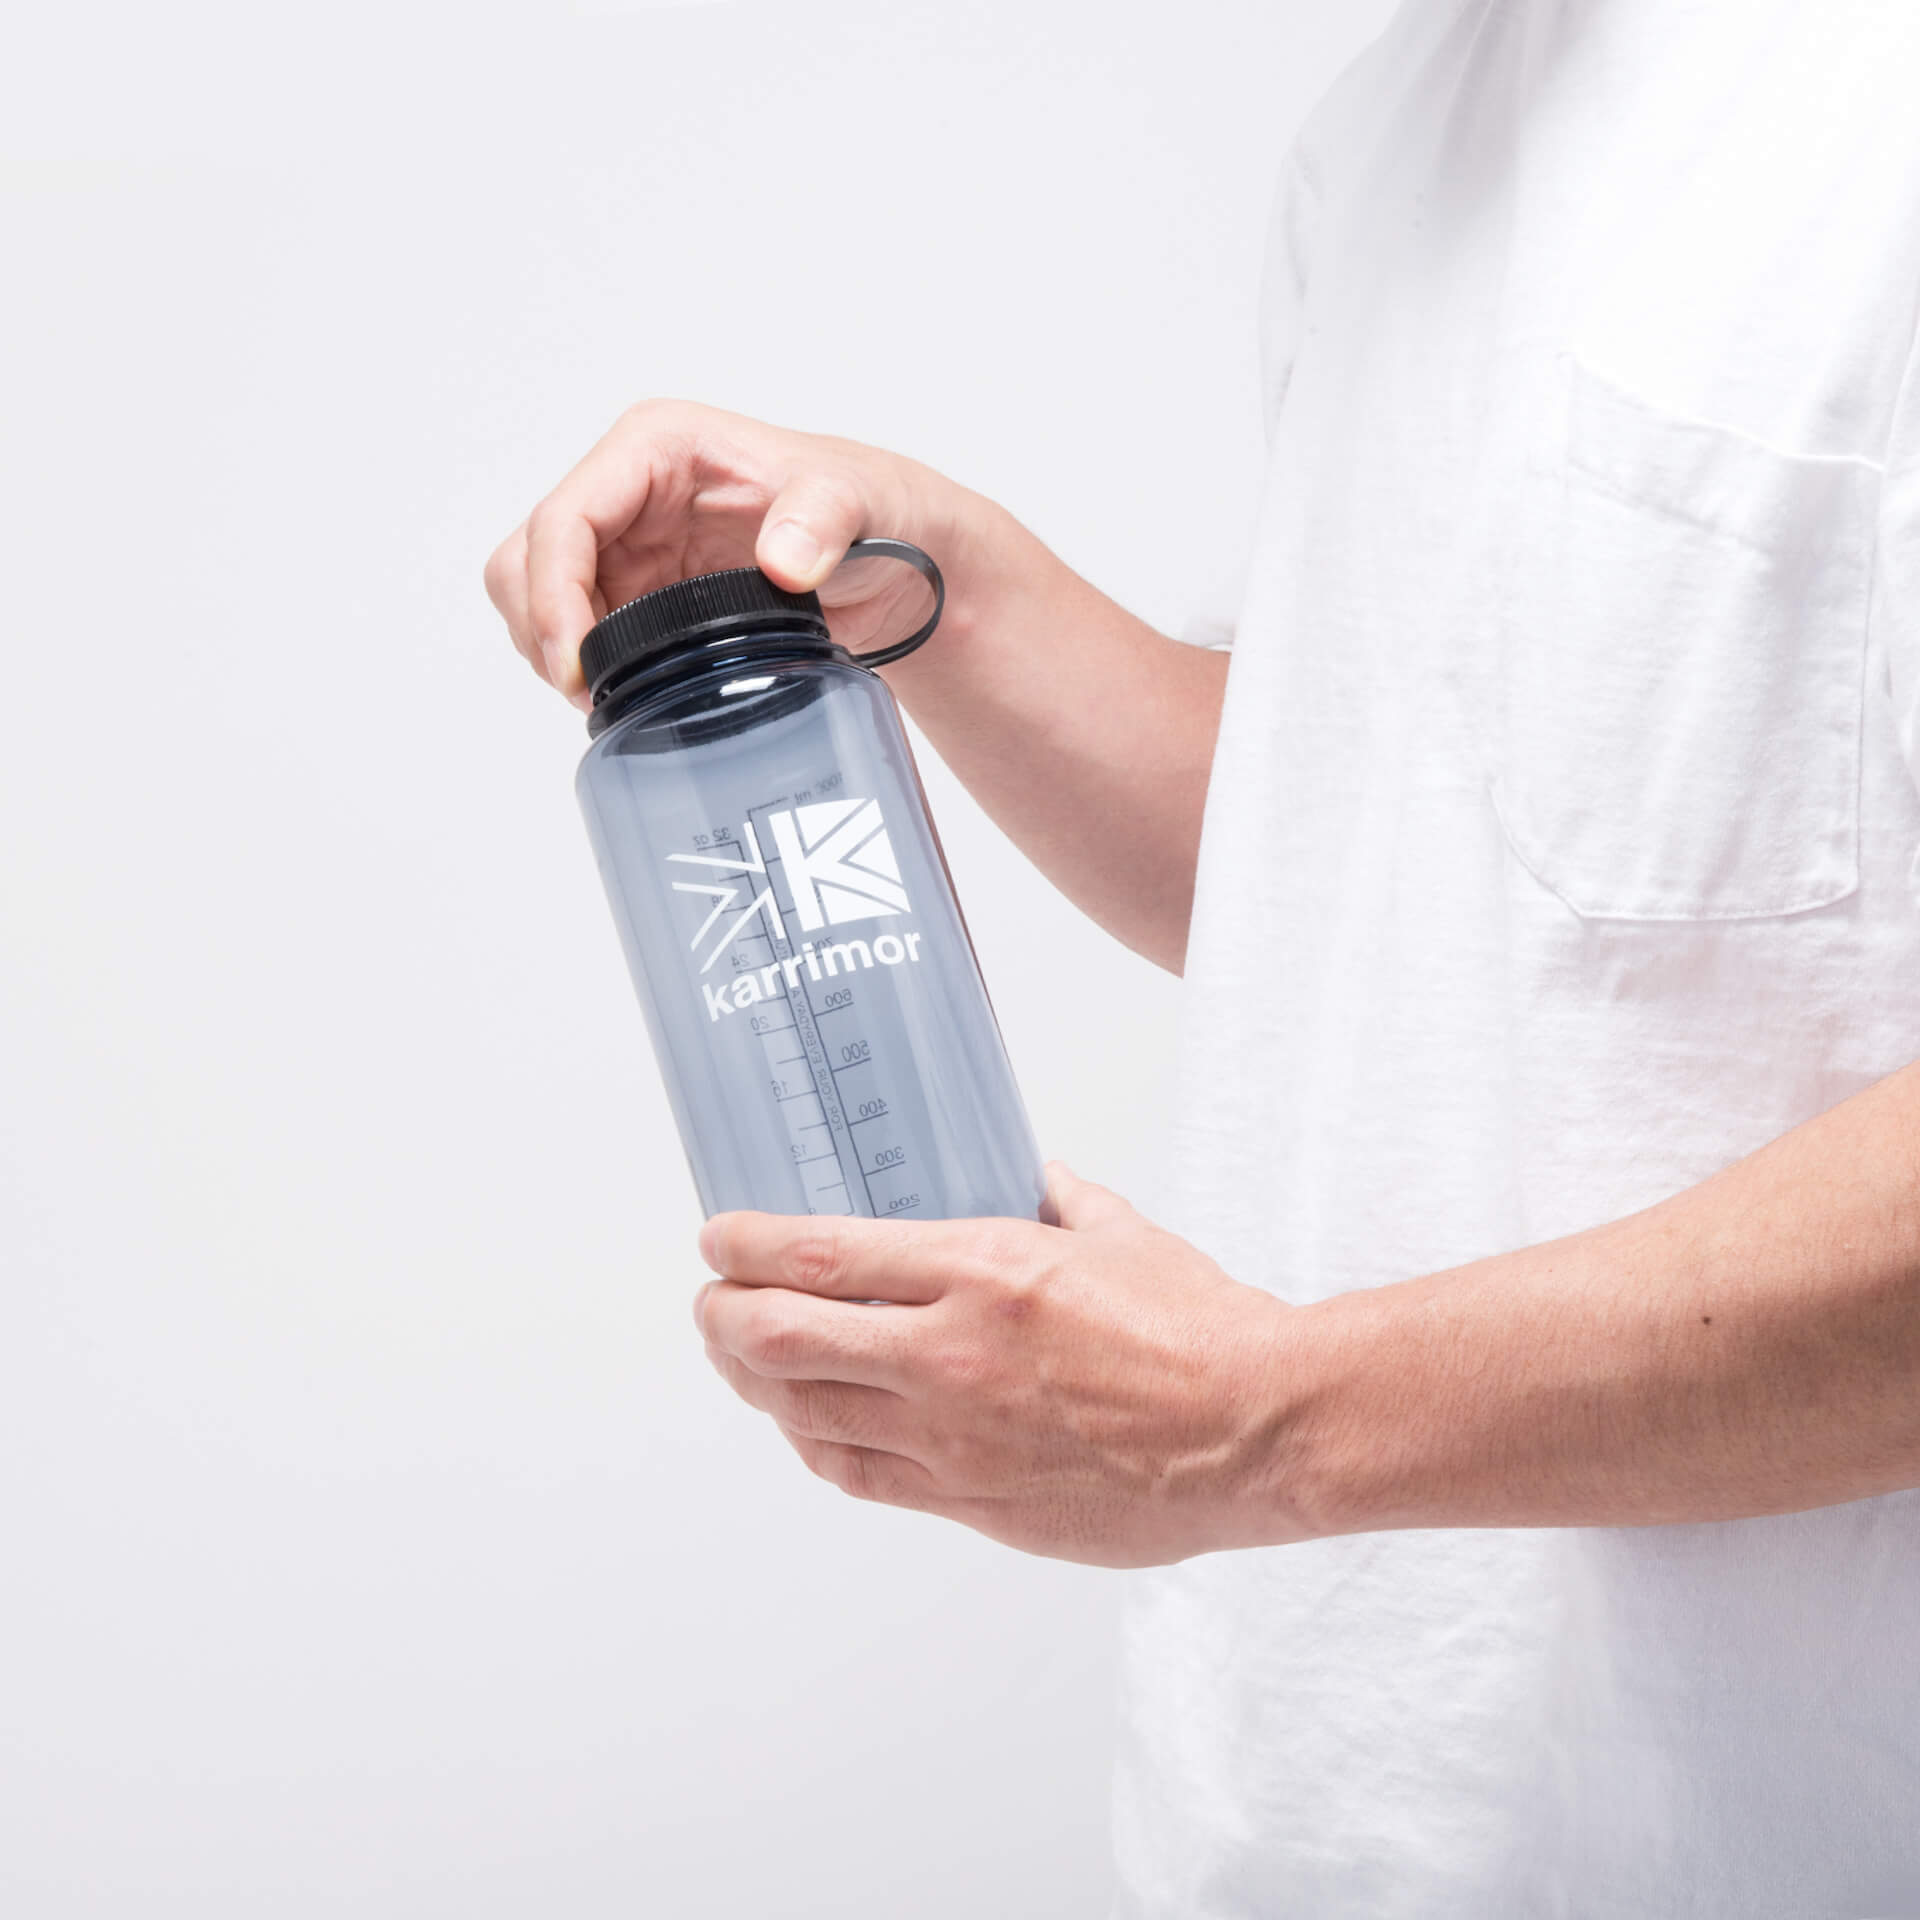 カリマーが無料給水サービスにも利用できるボトルを発売!Nalgenとのコラボアイテム life210601_karrimor_bottle_1